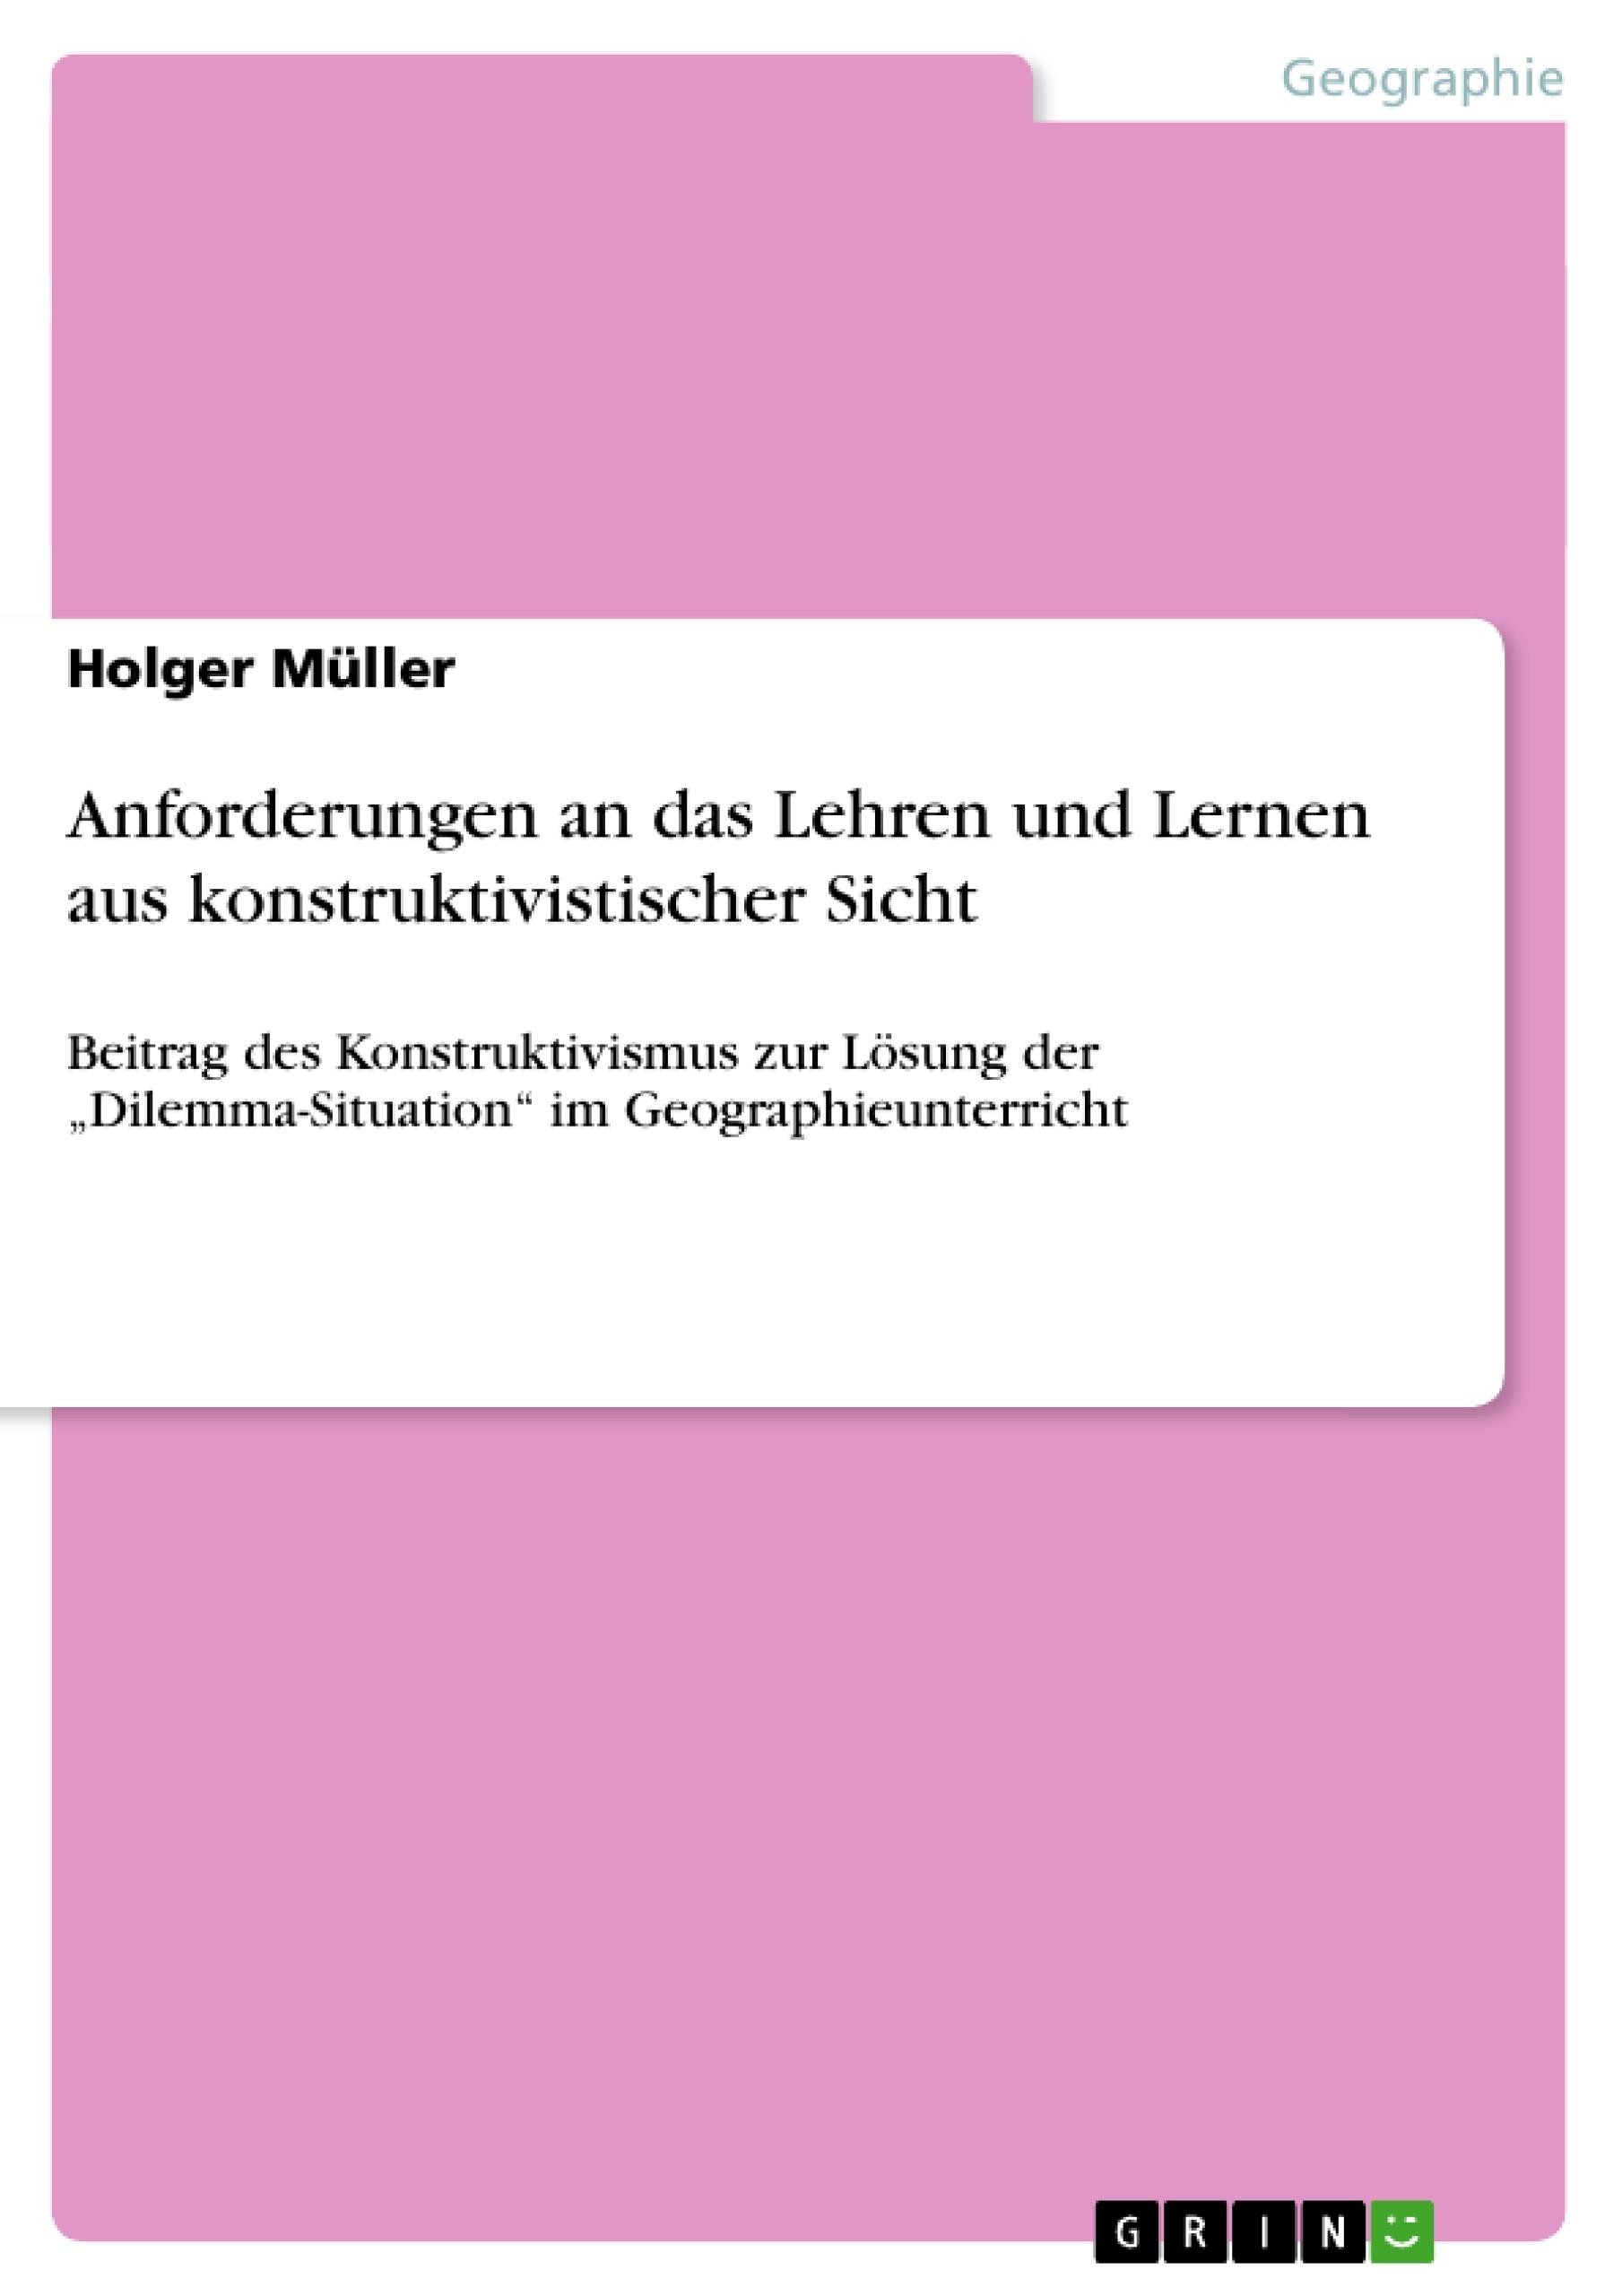 Titel: Anforderungen an das Lehren und Lernen aus konstruktivistischer Sicht